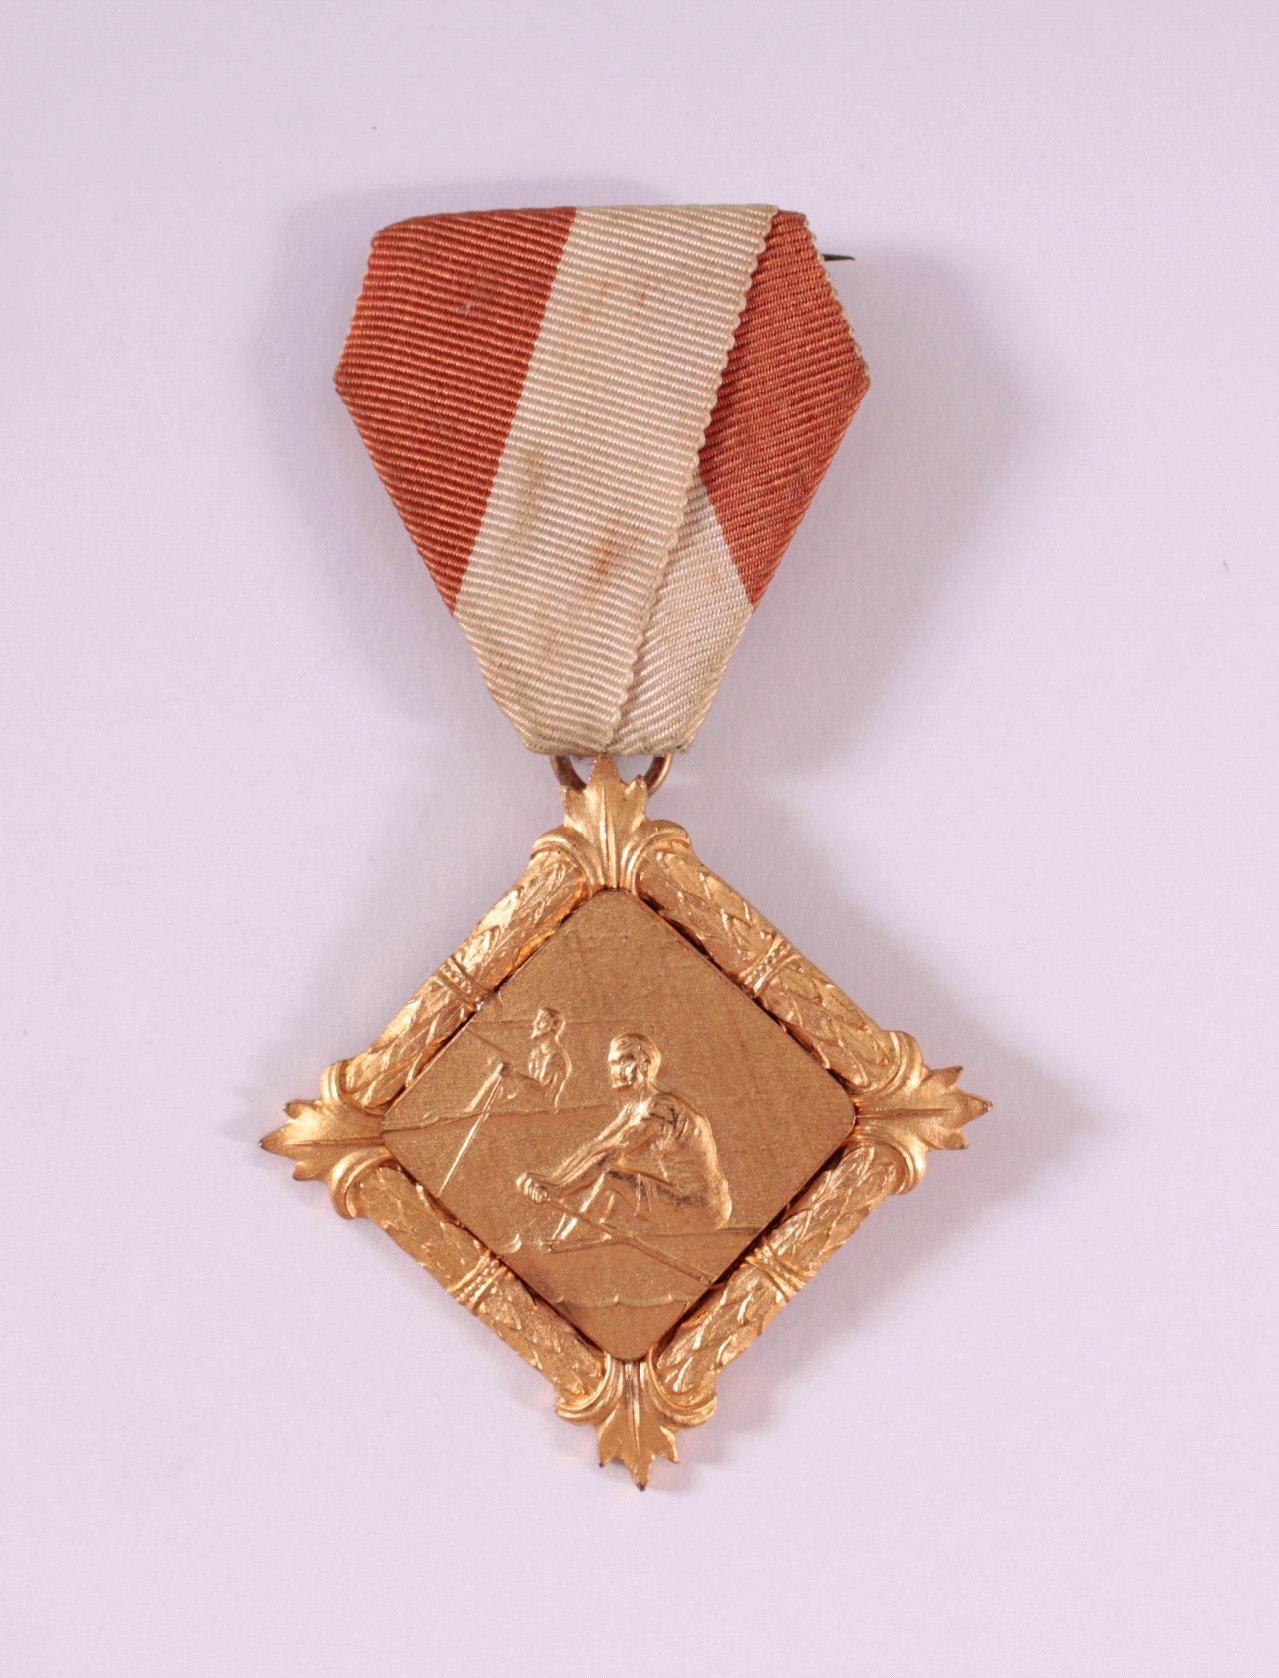 1011 und Veranstaltungsabzeichen 1930-1945 Katalog Tagungs